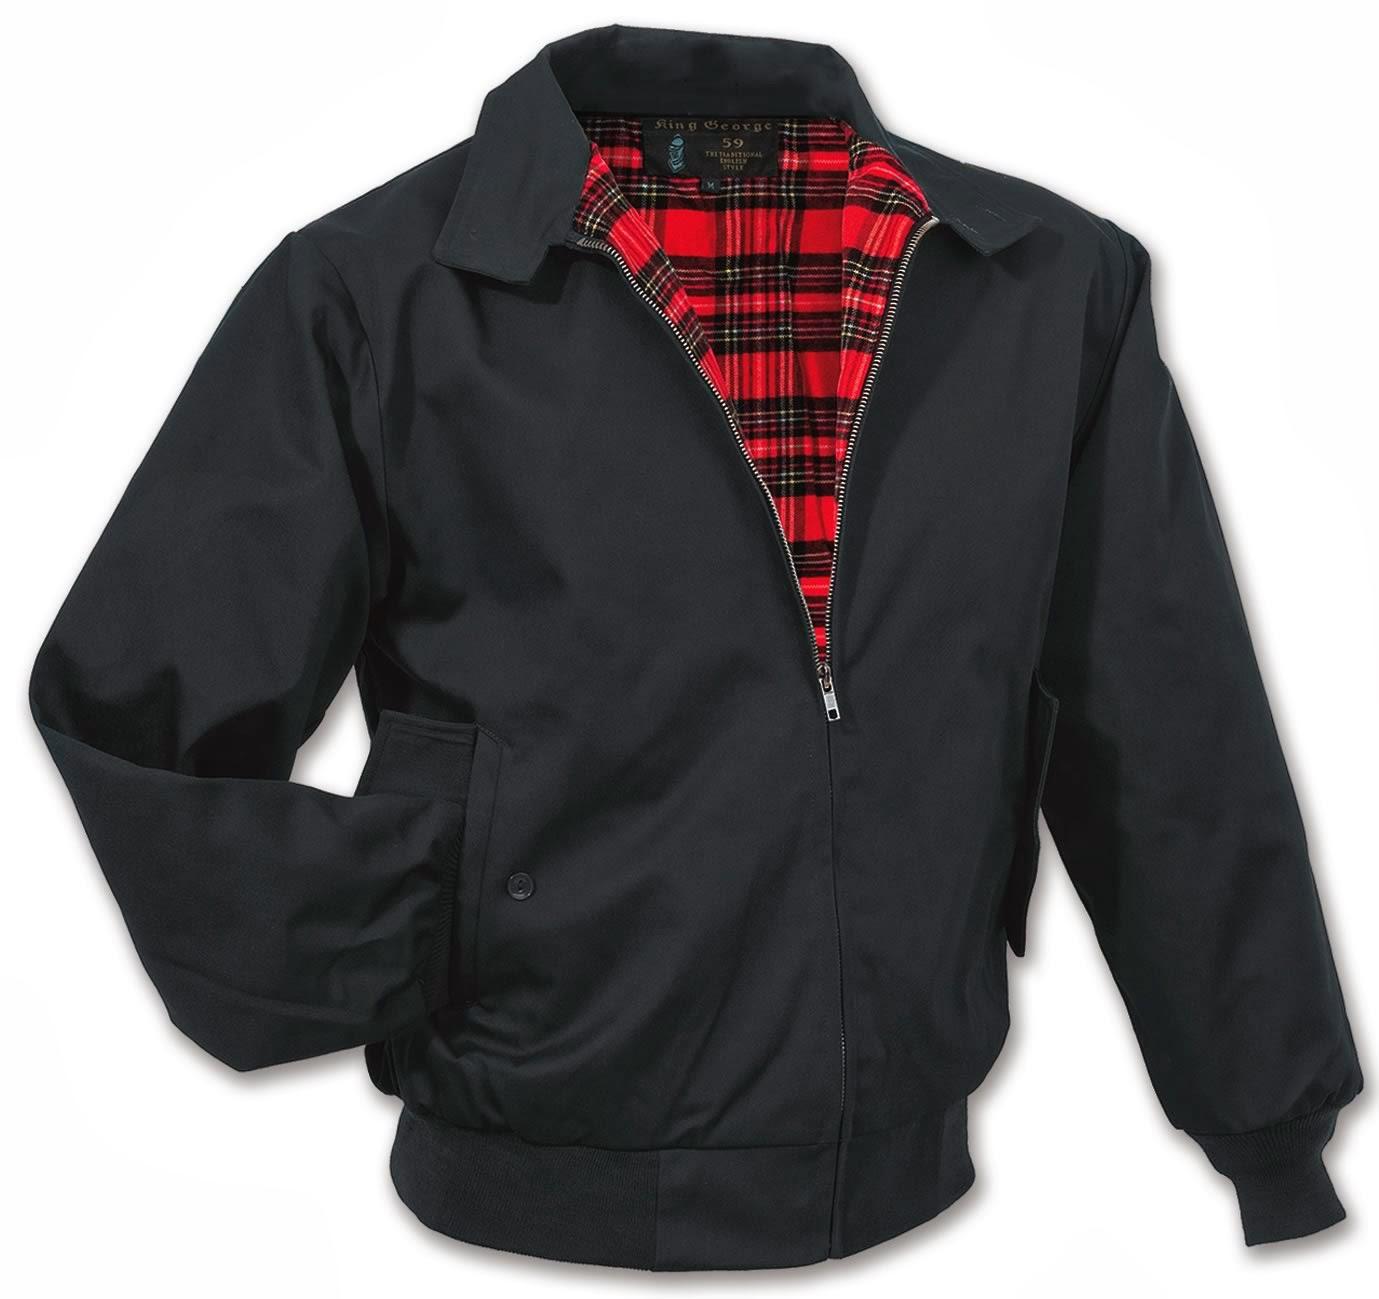 Jaket yang disebut tipe Harrington merupakan jaket dengan bahan sepinggang d140fec77d